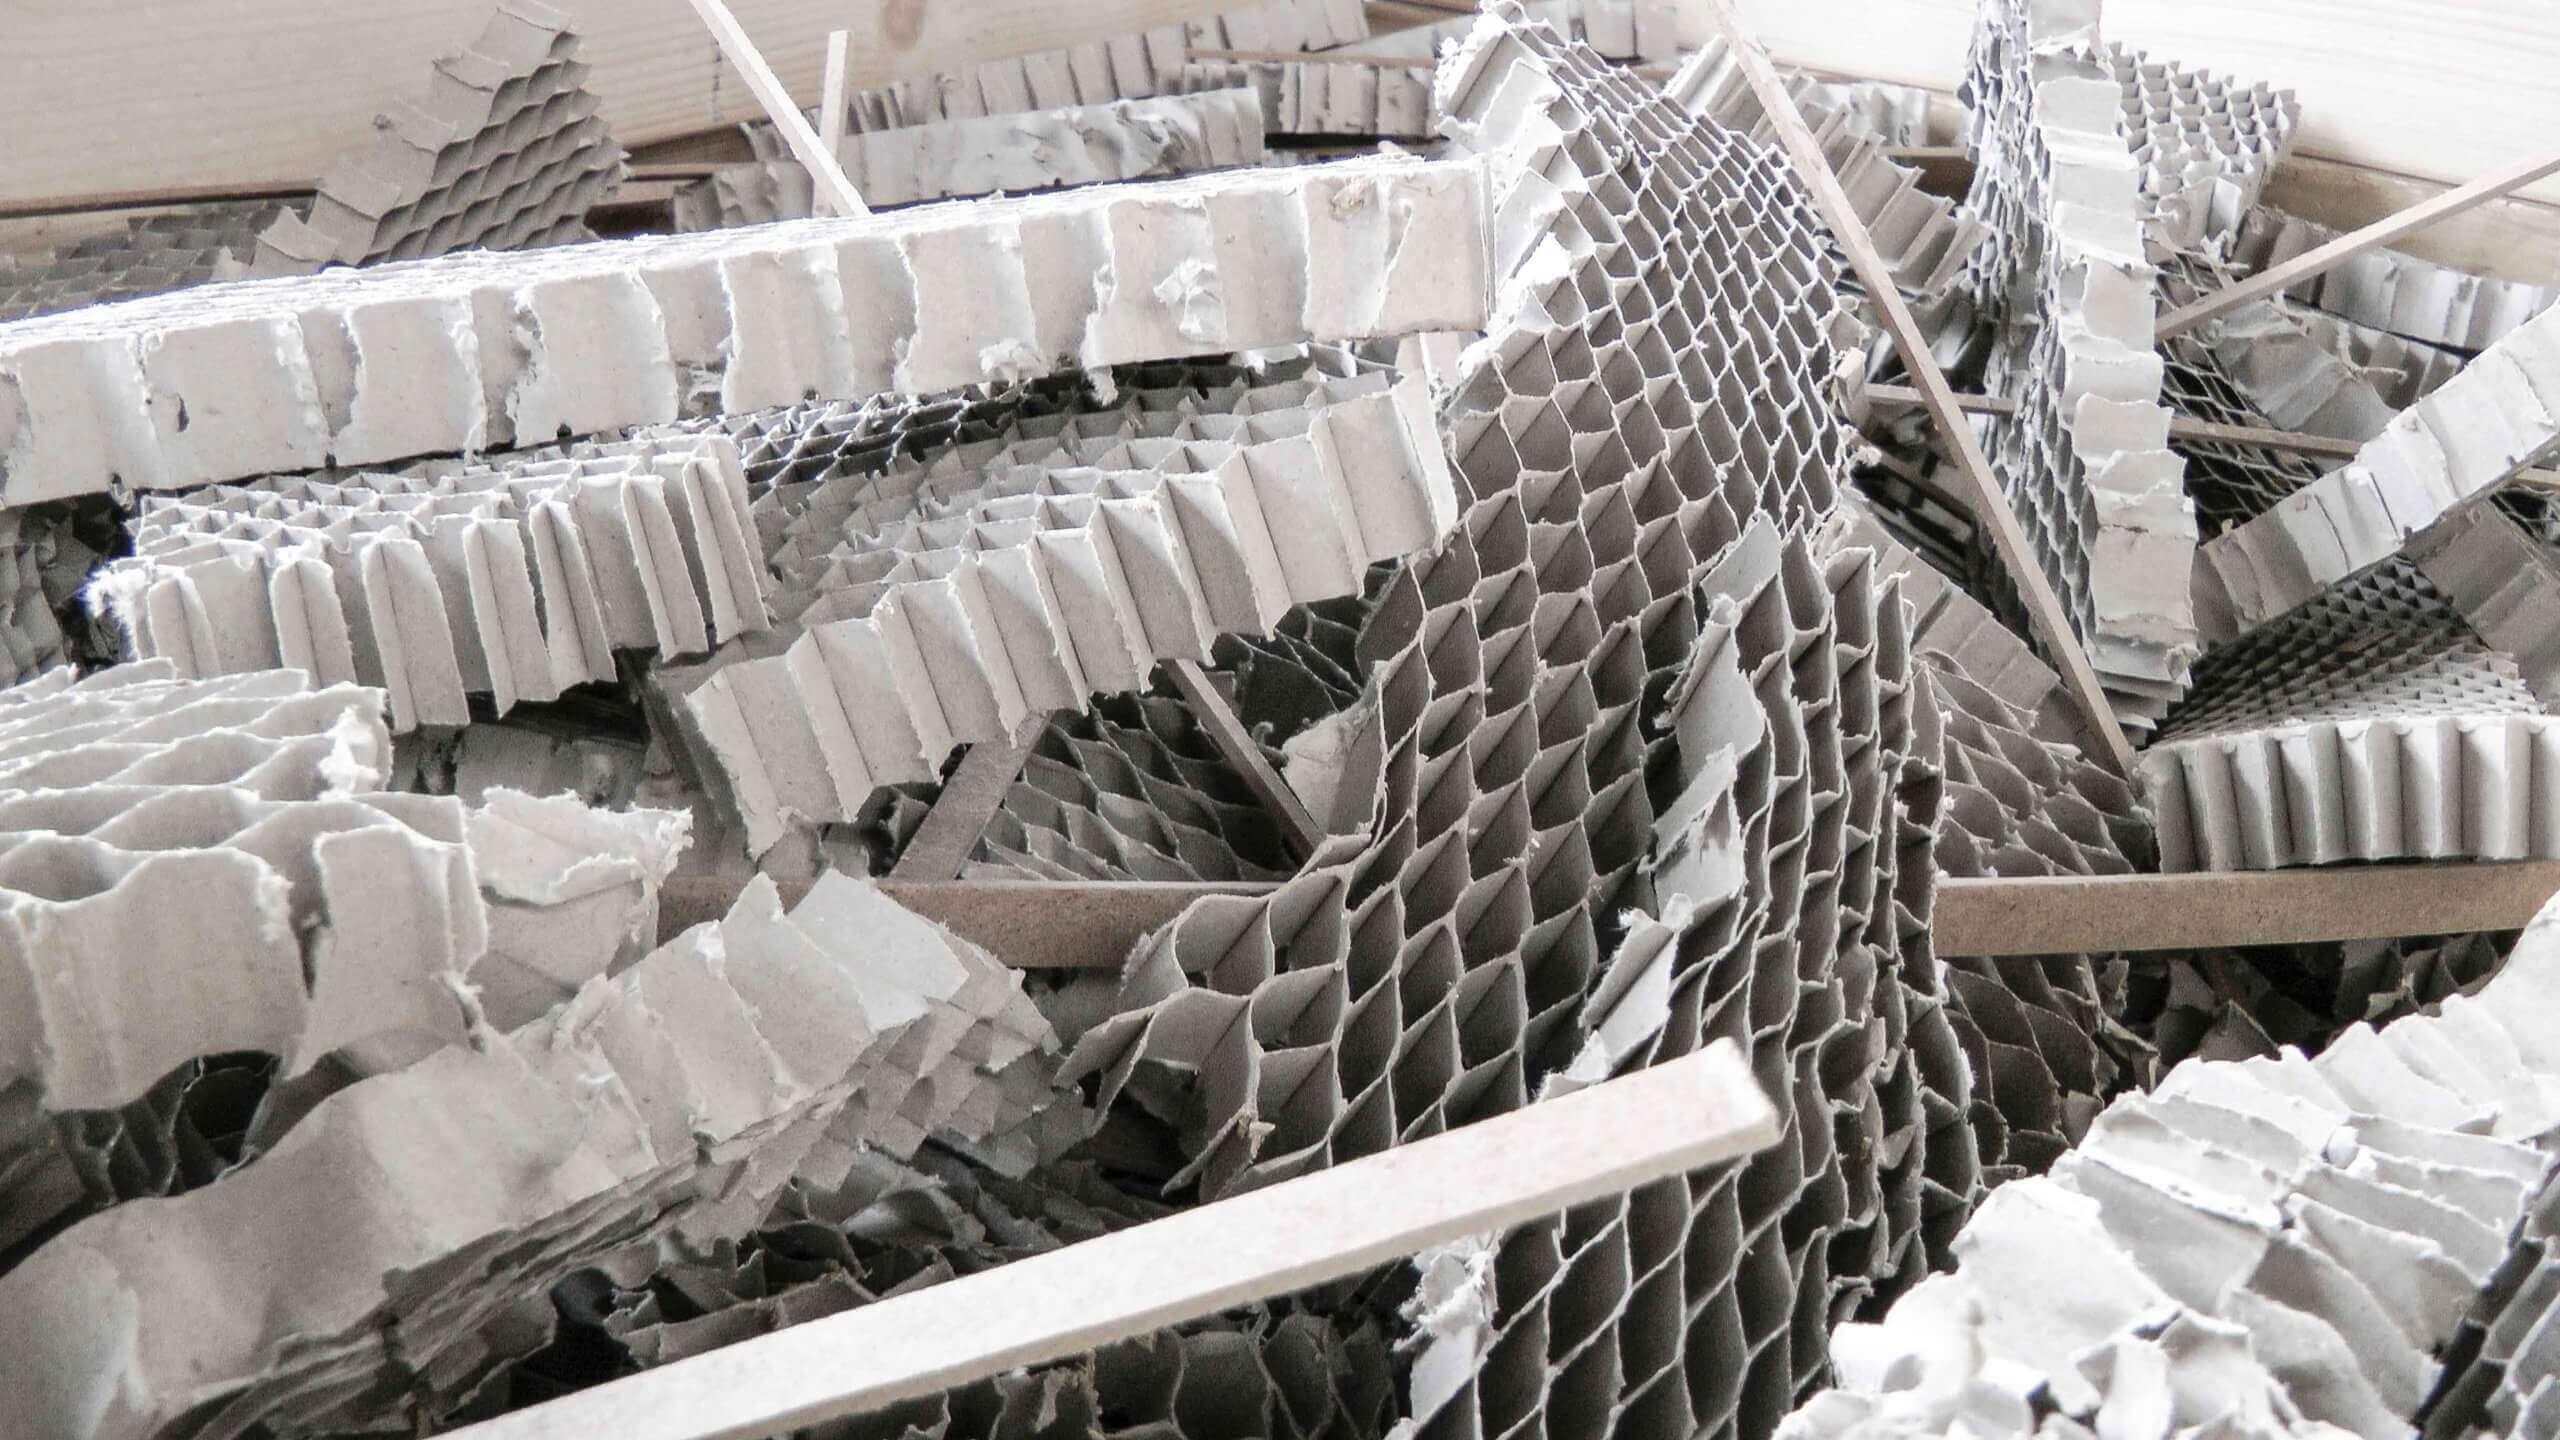 Alte Kartons vor dem Recyclingprozess